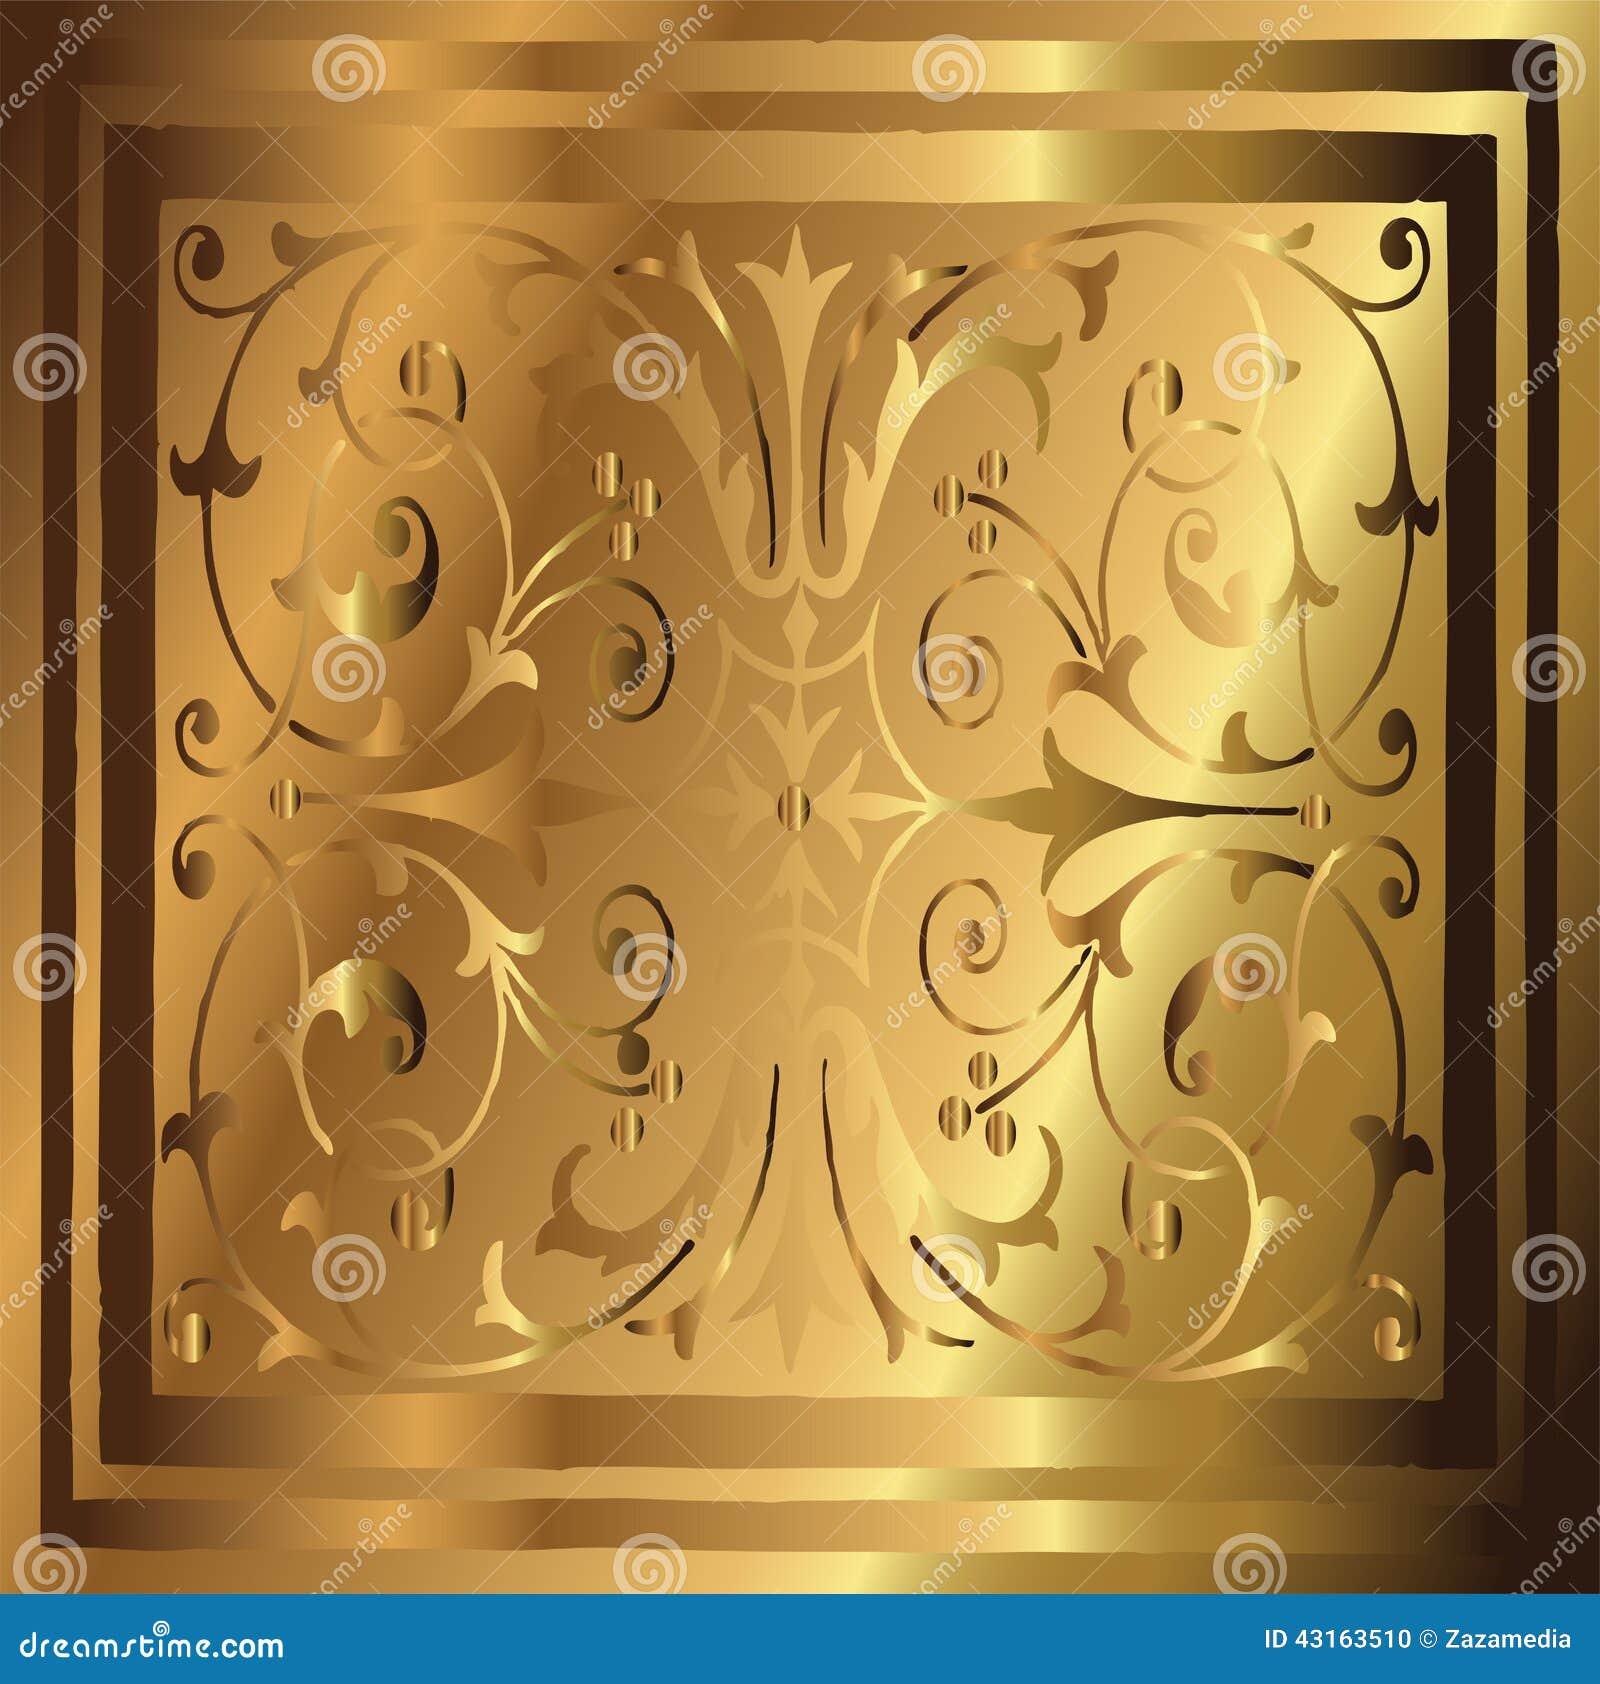 Home Design App Gold Abstract Copper Gold Background Of Elegant Vintage Floral